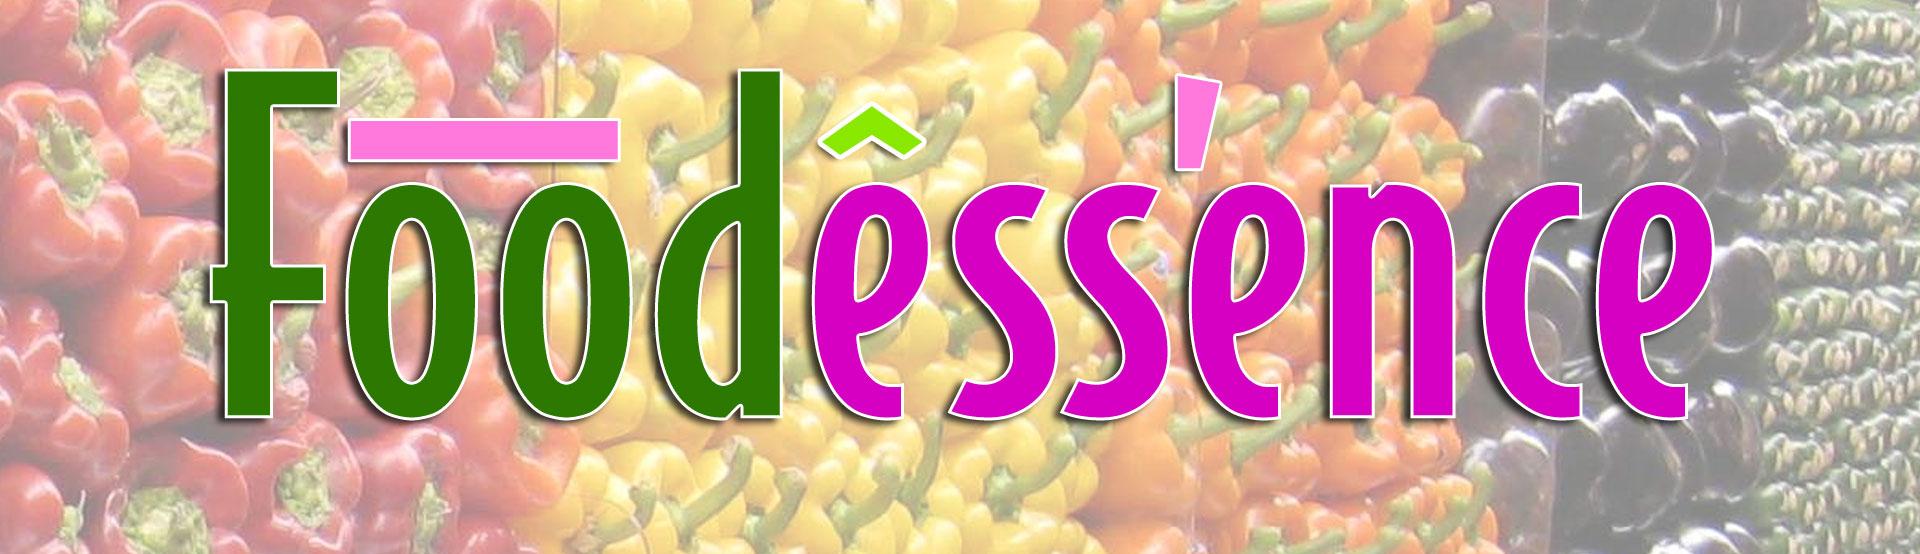 Foodessence